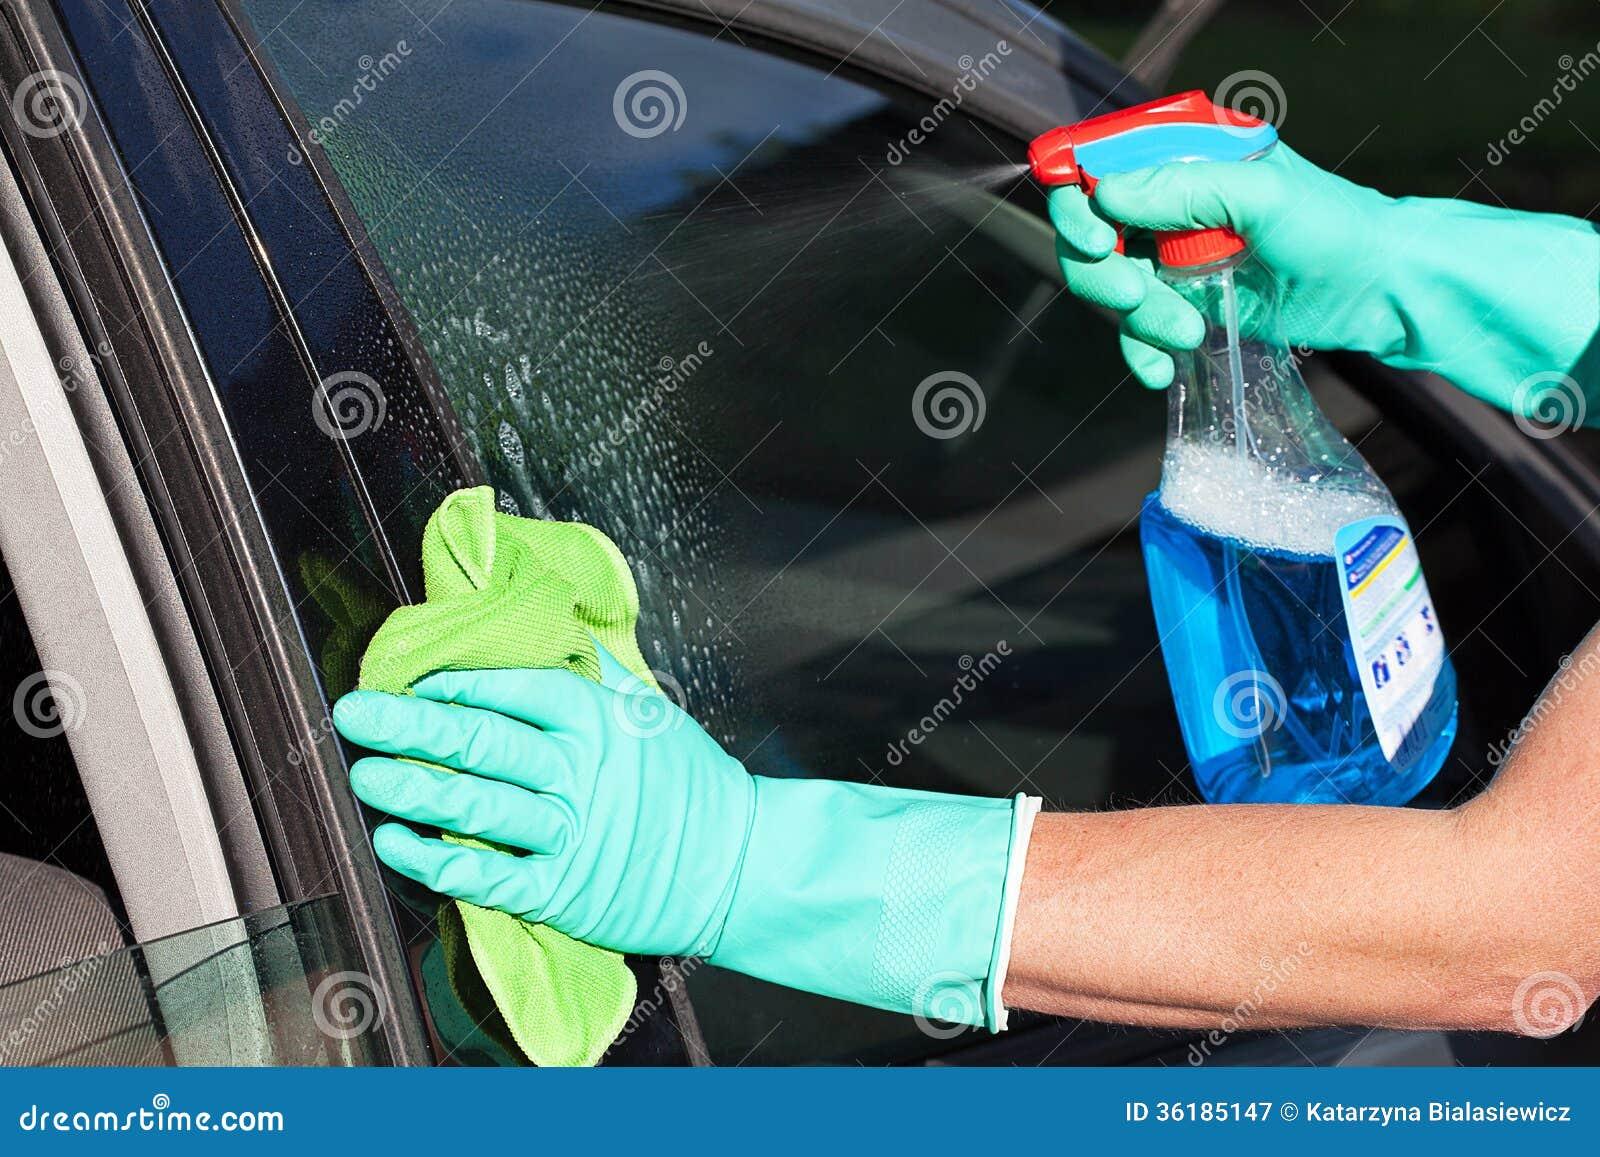 Car Wash Hand Gloves